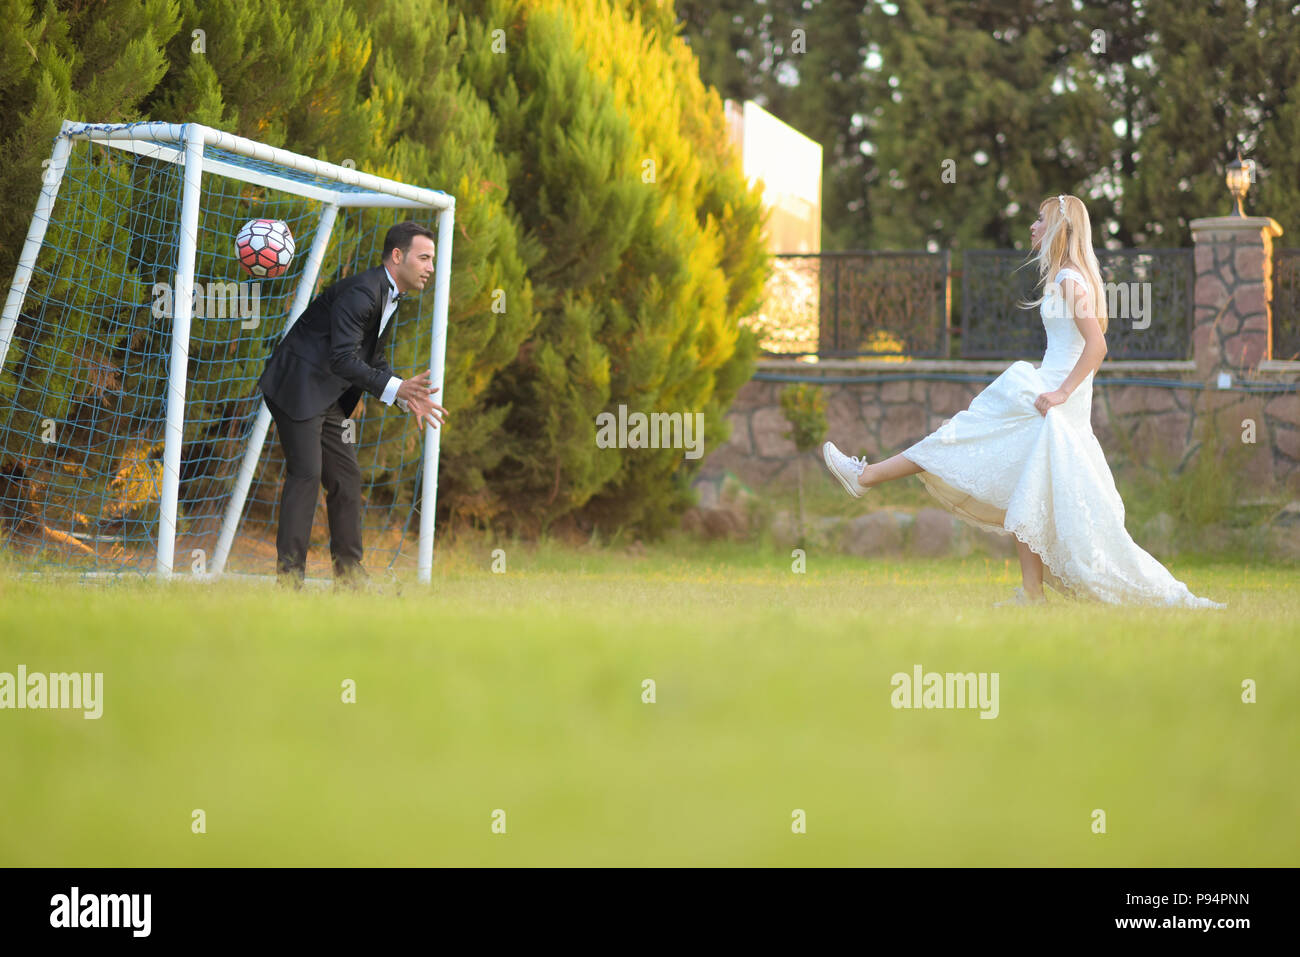 Hochzeit Braut Und Brautigam Fussball Spielen Fussball Spiel